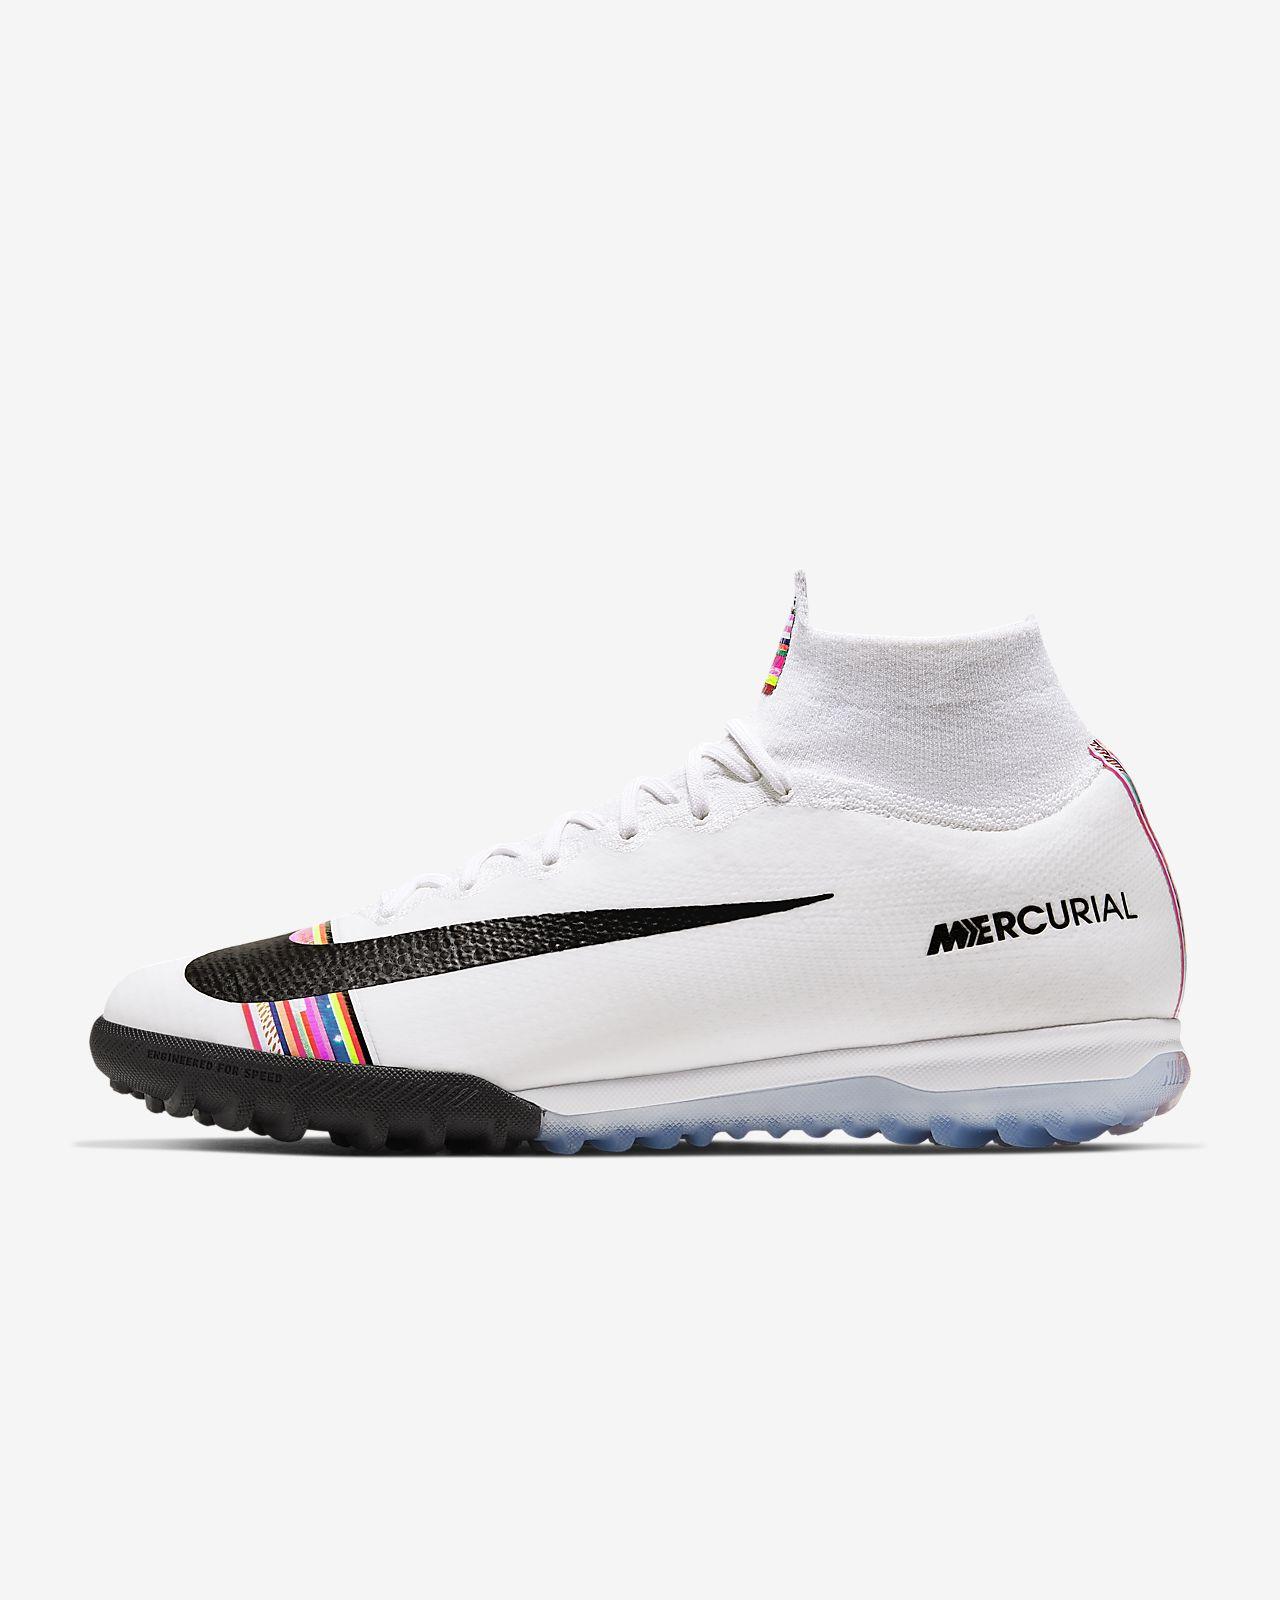 b746350349b6 ... Buty piłkarskie na nawierzchnię typu turf Nike SuperflyX 6 Elite LVL UP  TF